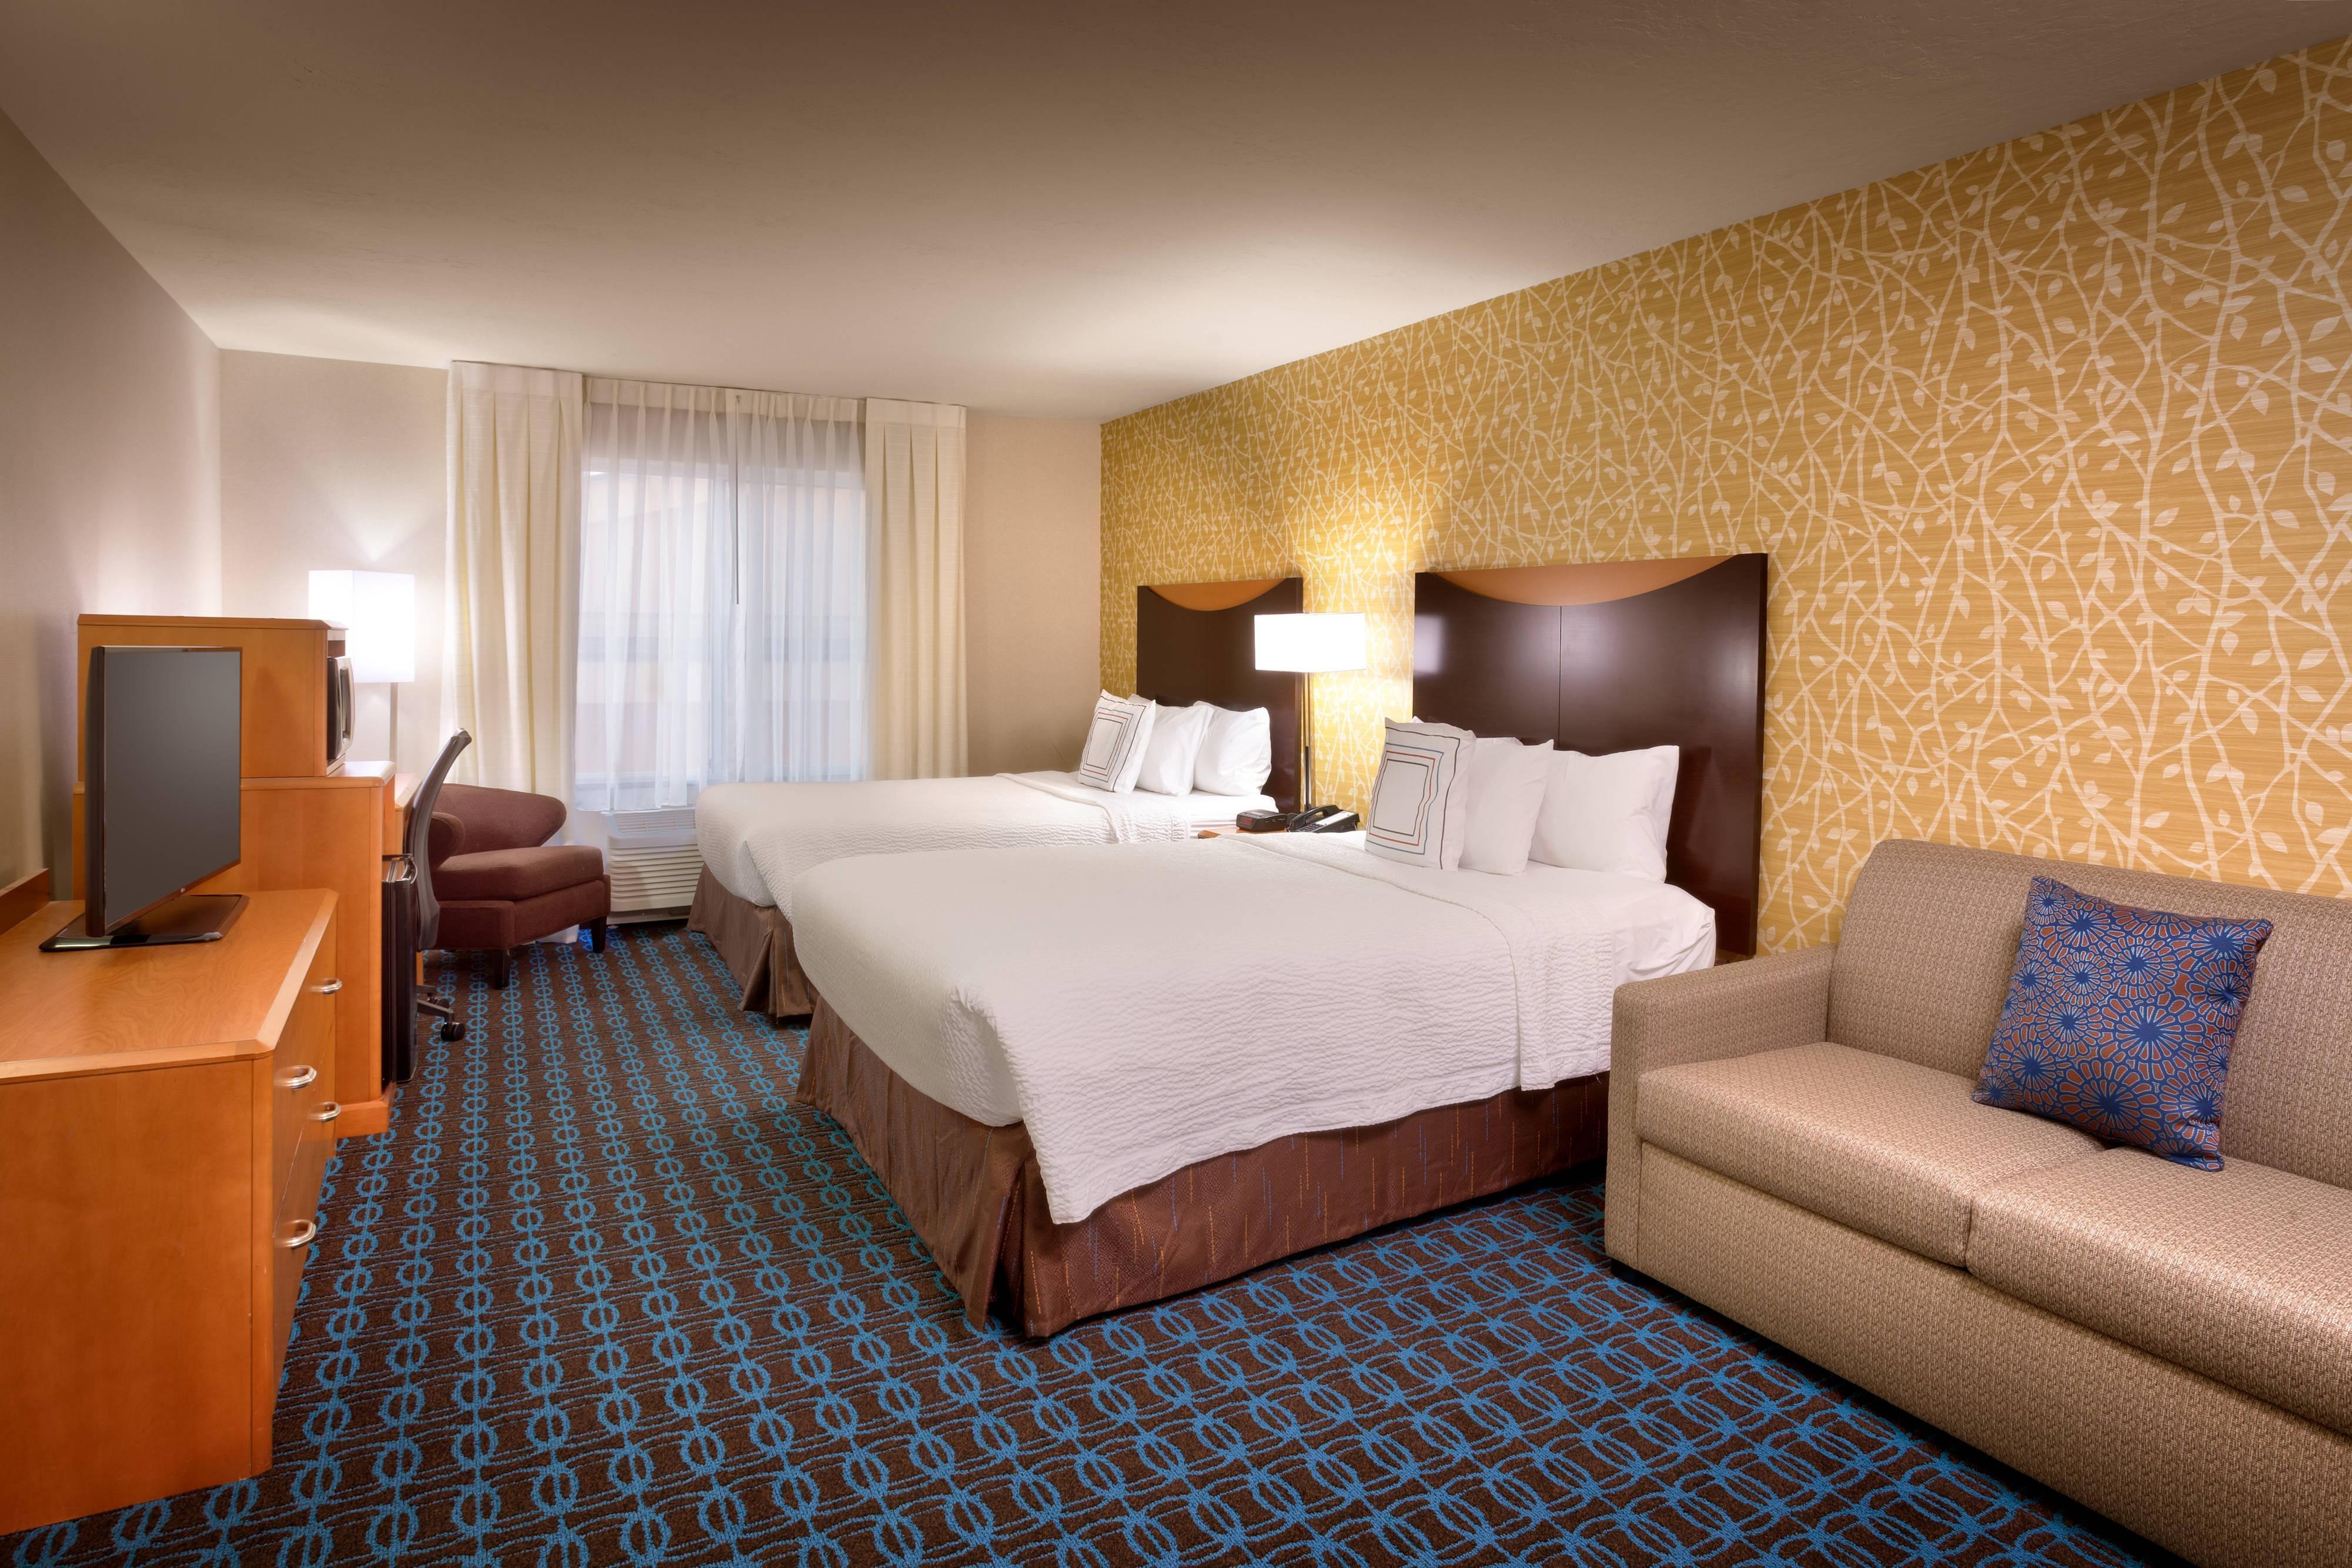 Habitación con dos camas Queen para estancias prolongadas